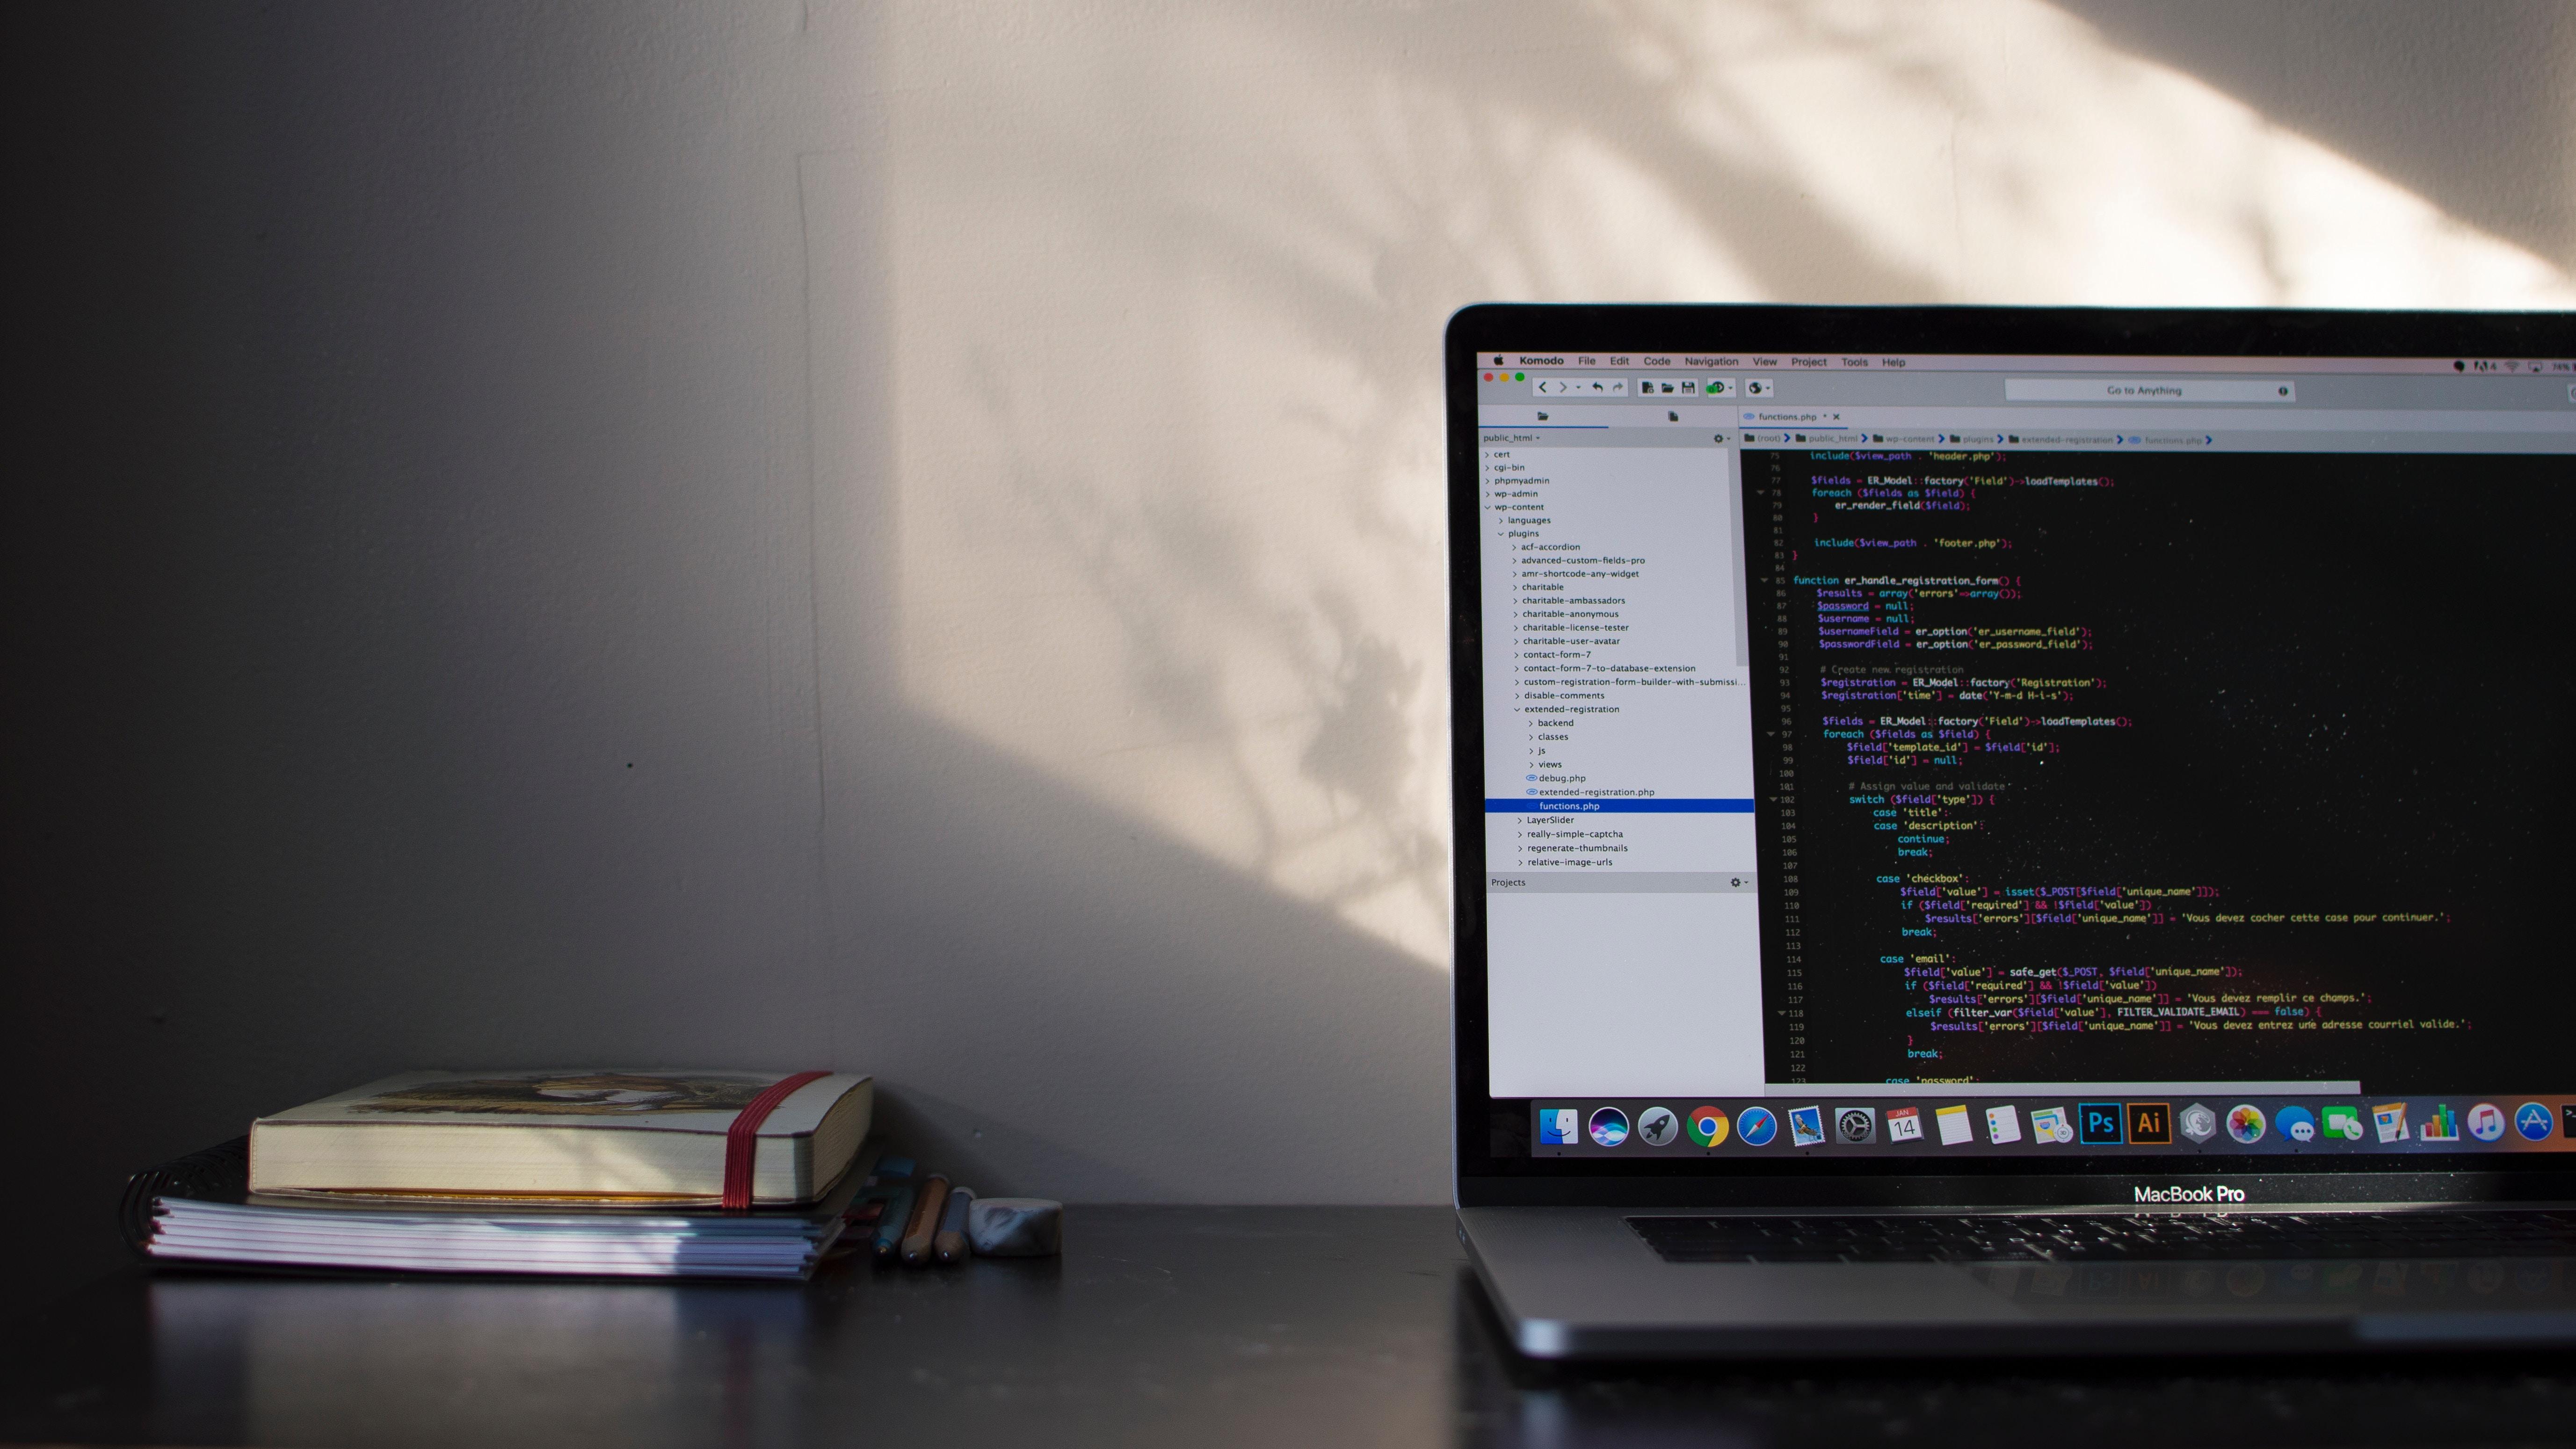 Devenez un expert de Python, le langage de programmation derrière Netflix et Spotify